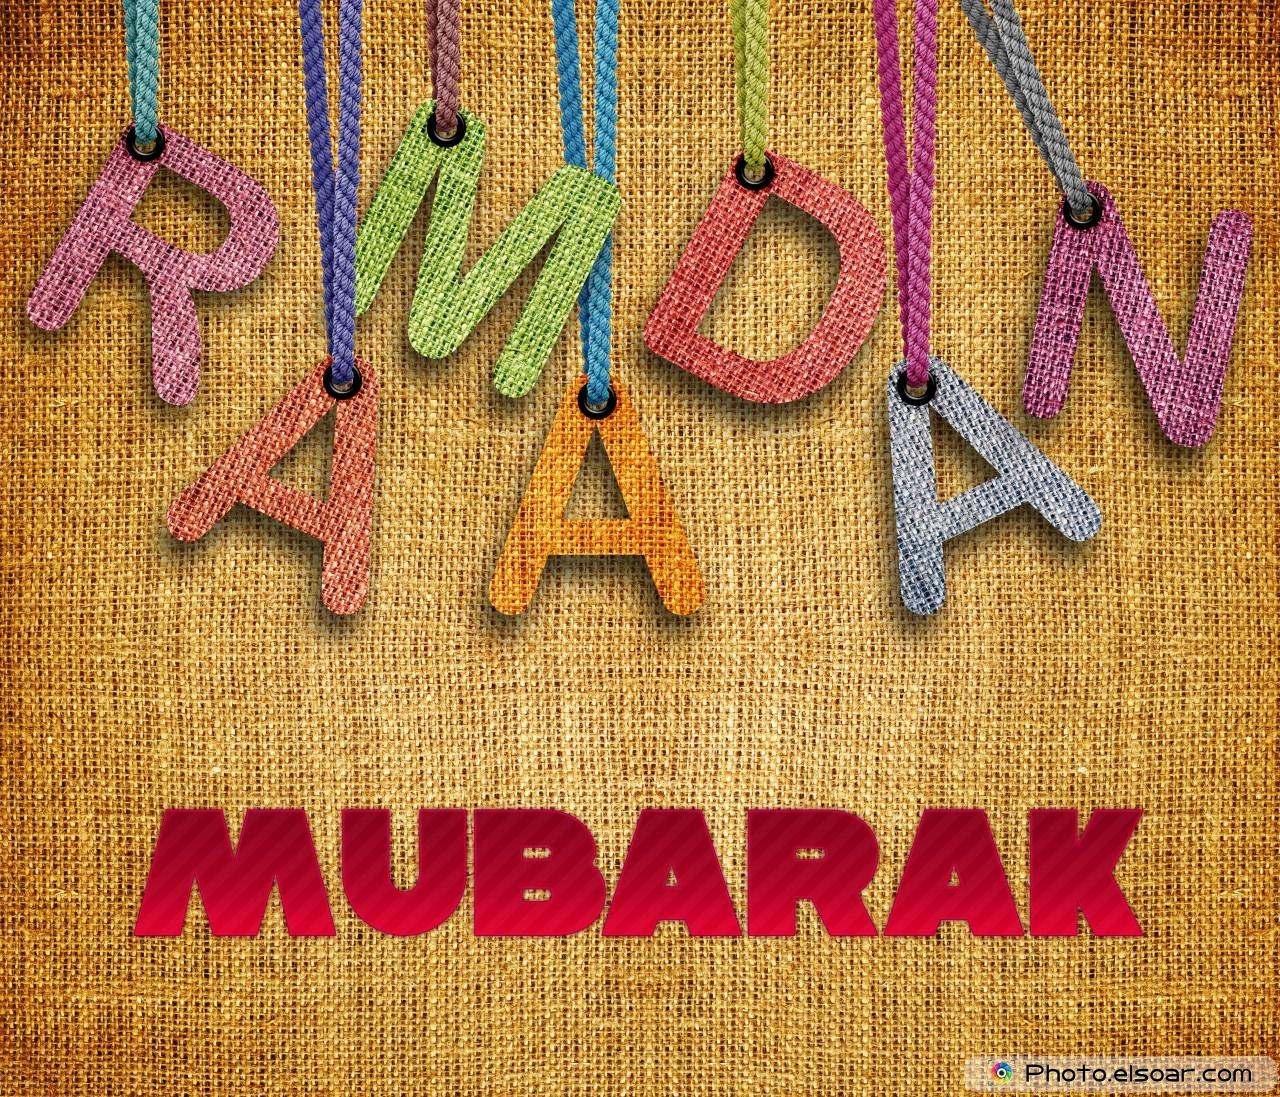 Hd wallpaper ramzan mubarak - Ramadan Mubarak Holy Month